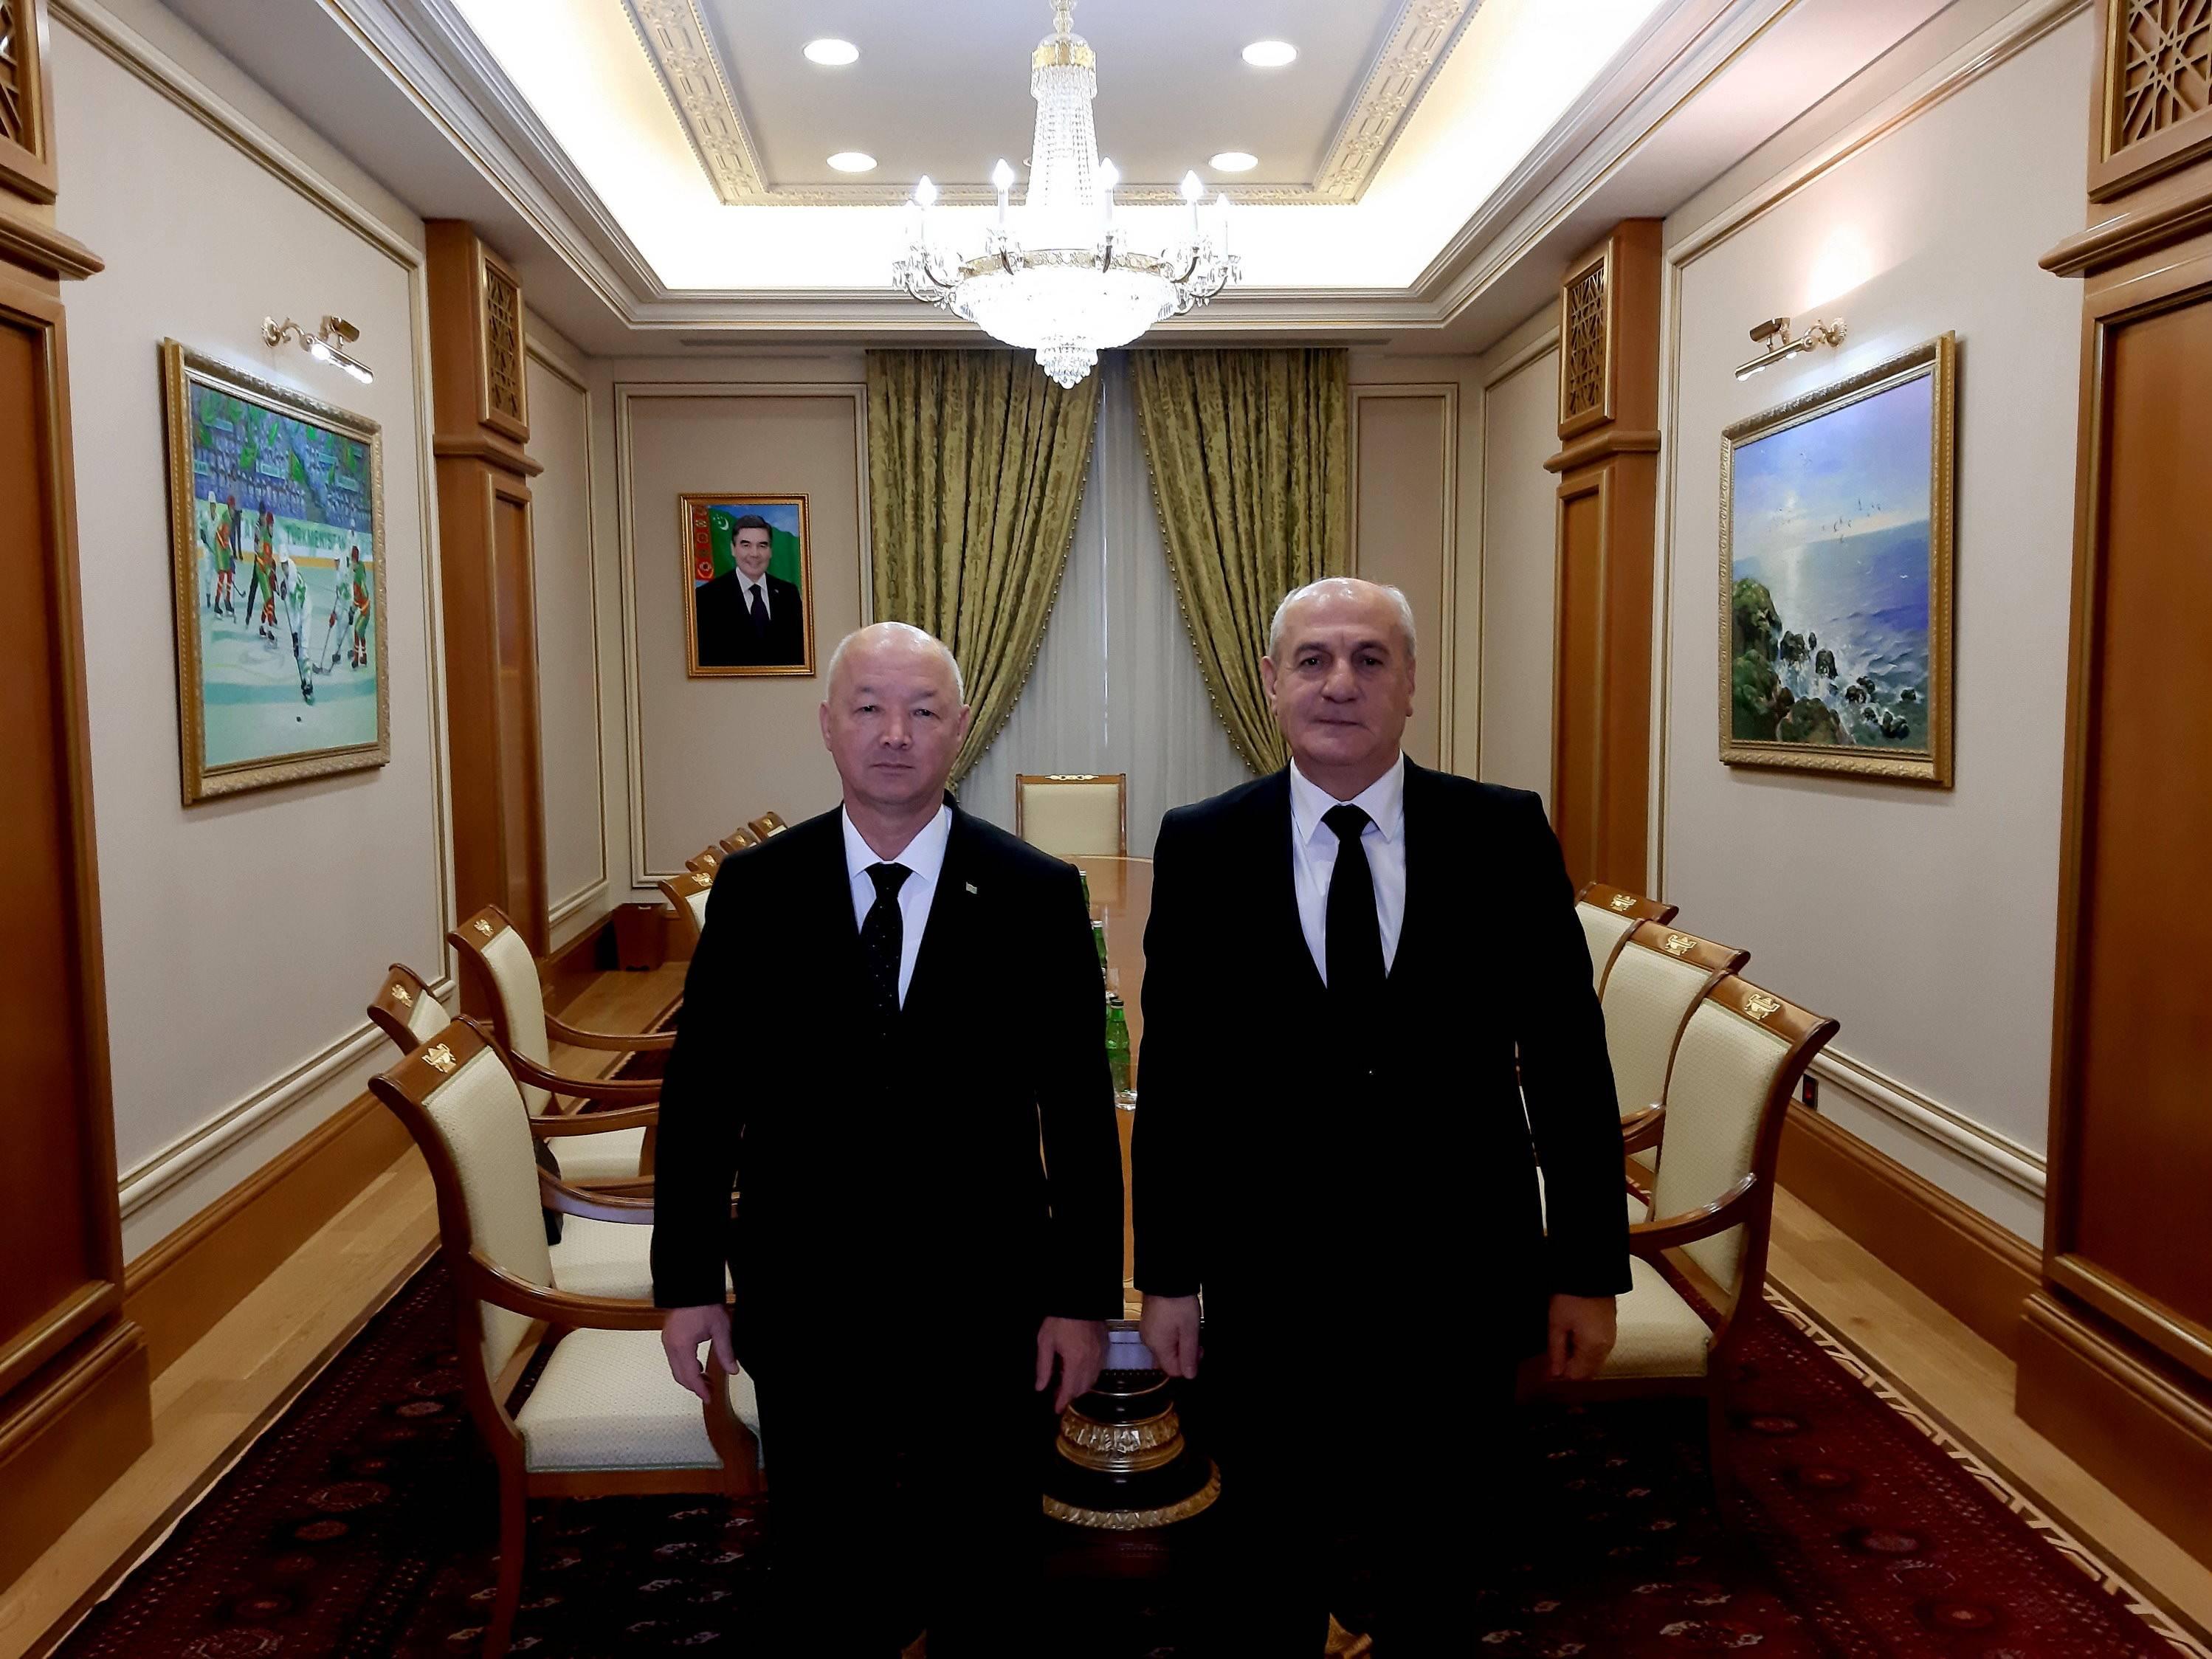 ՀՀ դեսպանի հանդիպումը Թուրքմենստանի փոխվարչապետի հետ